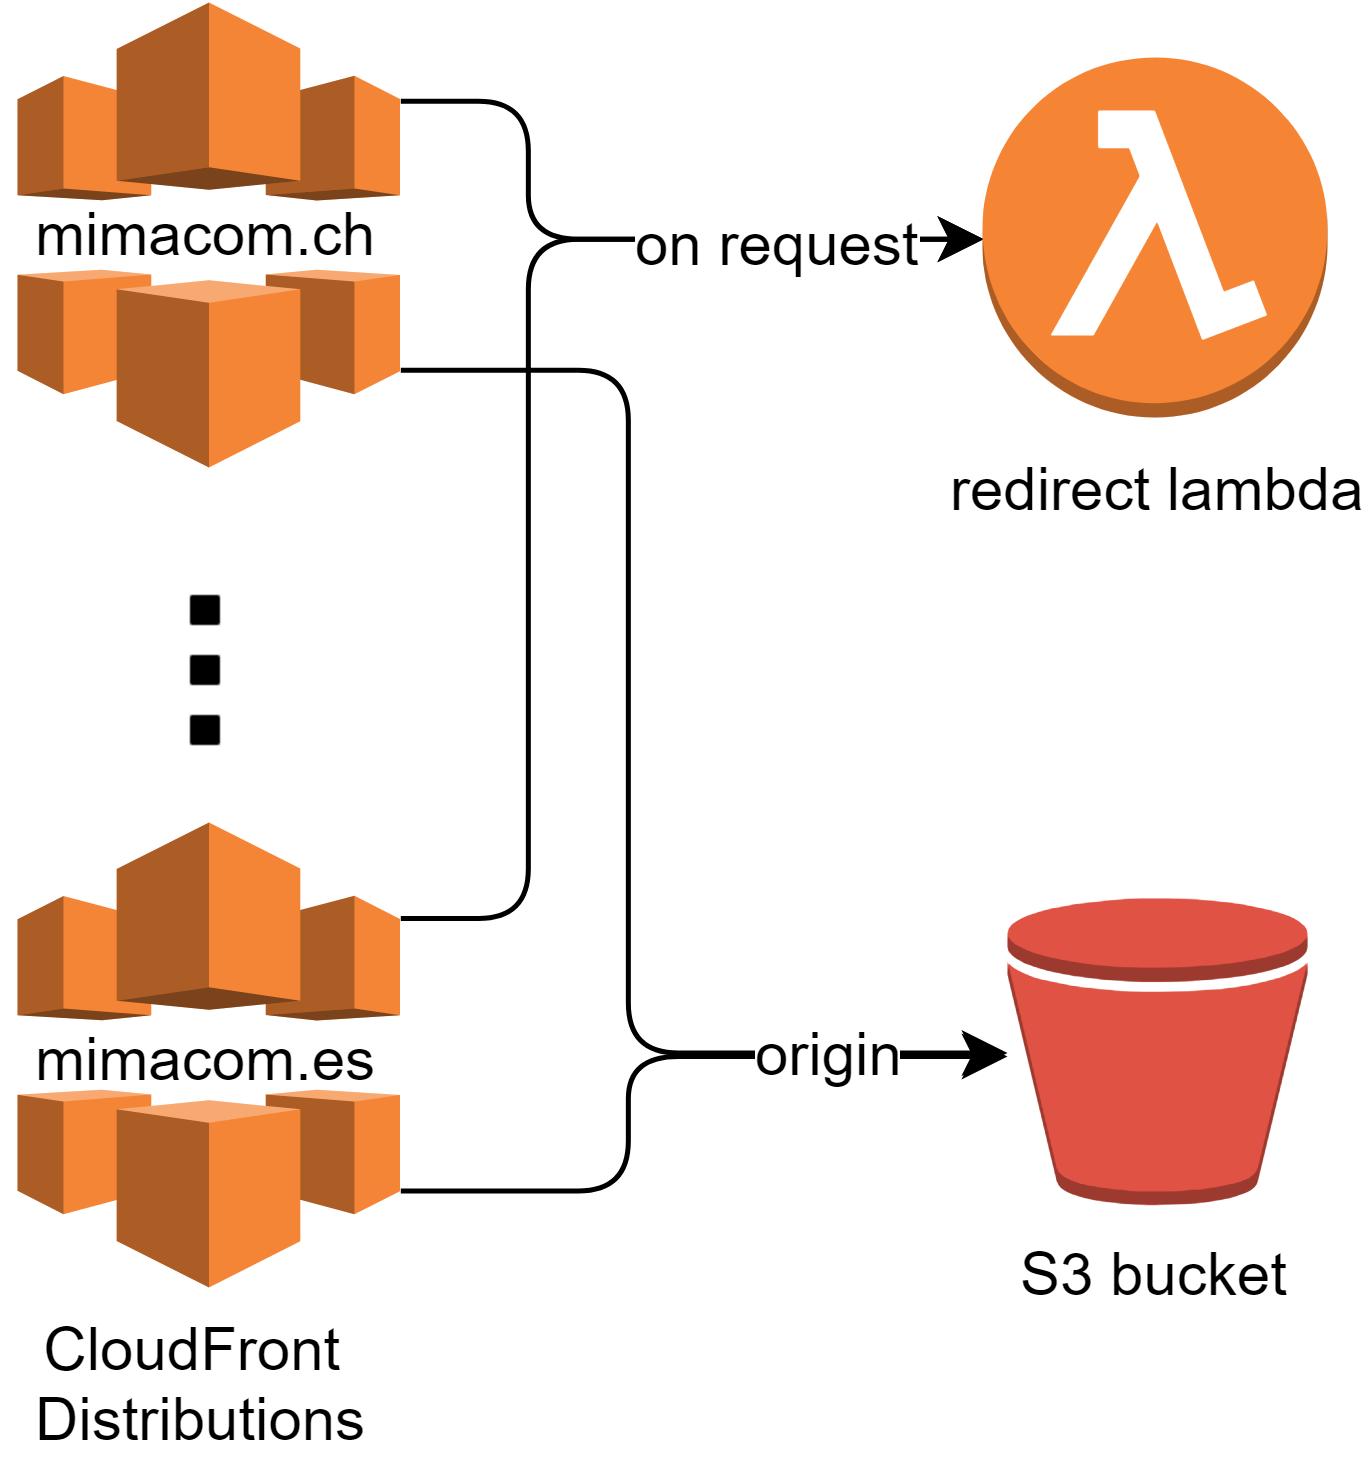 Using AWS Lambdas to Migrate a Website | mimacom